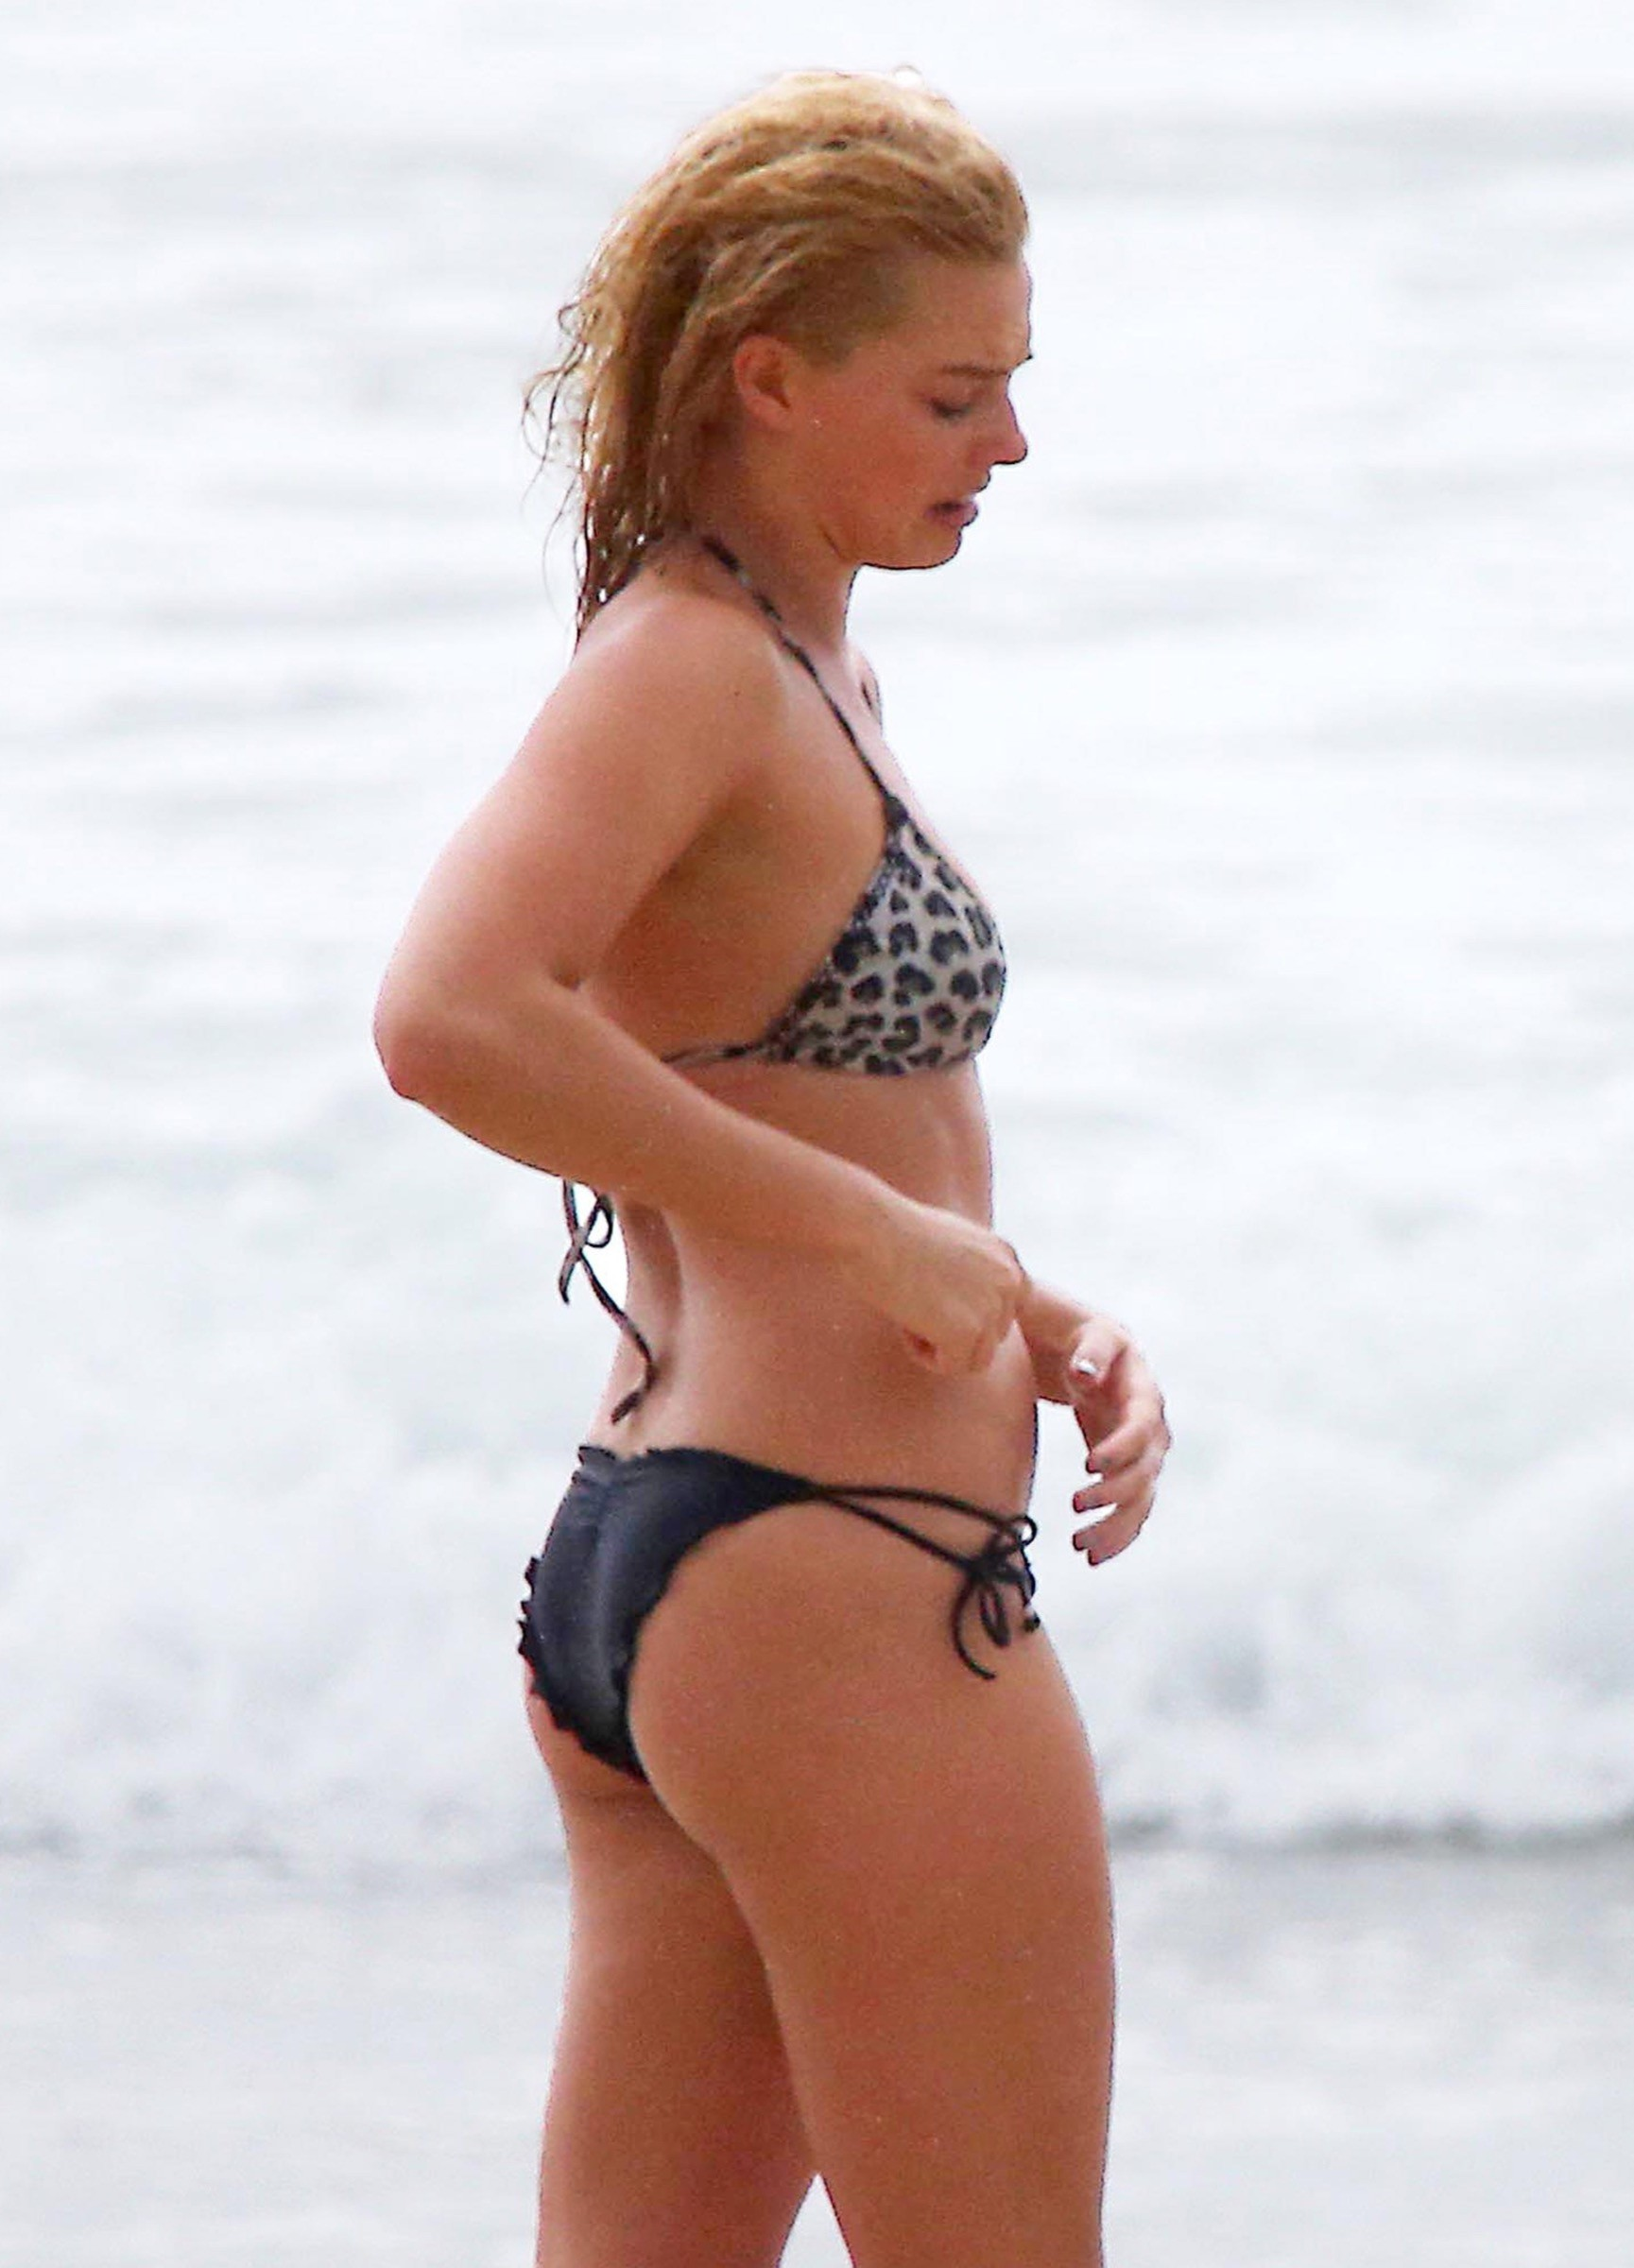 porno de Margot Robbie 1